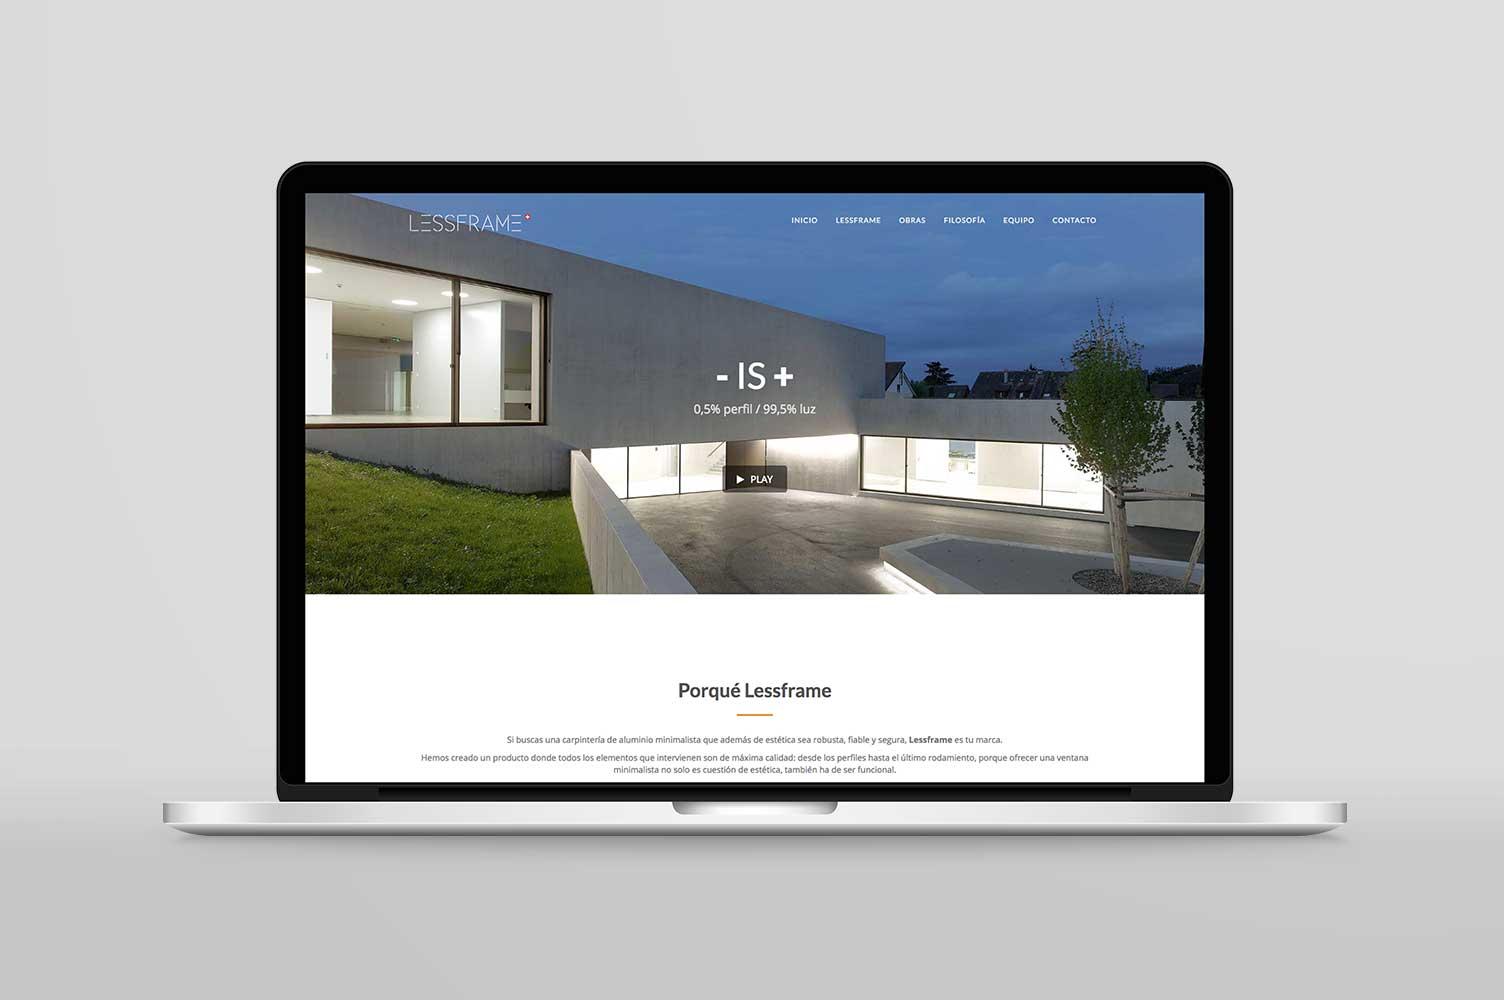 Diseño web escritorio landing page Lessframe